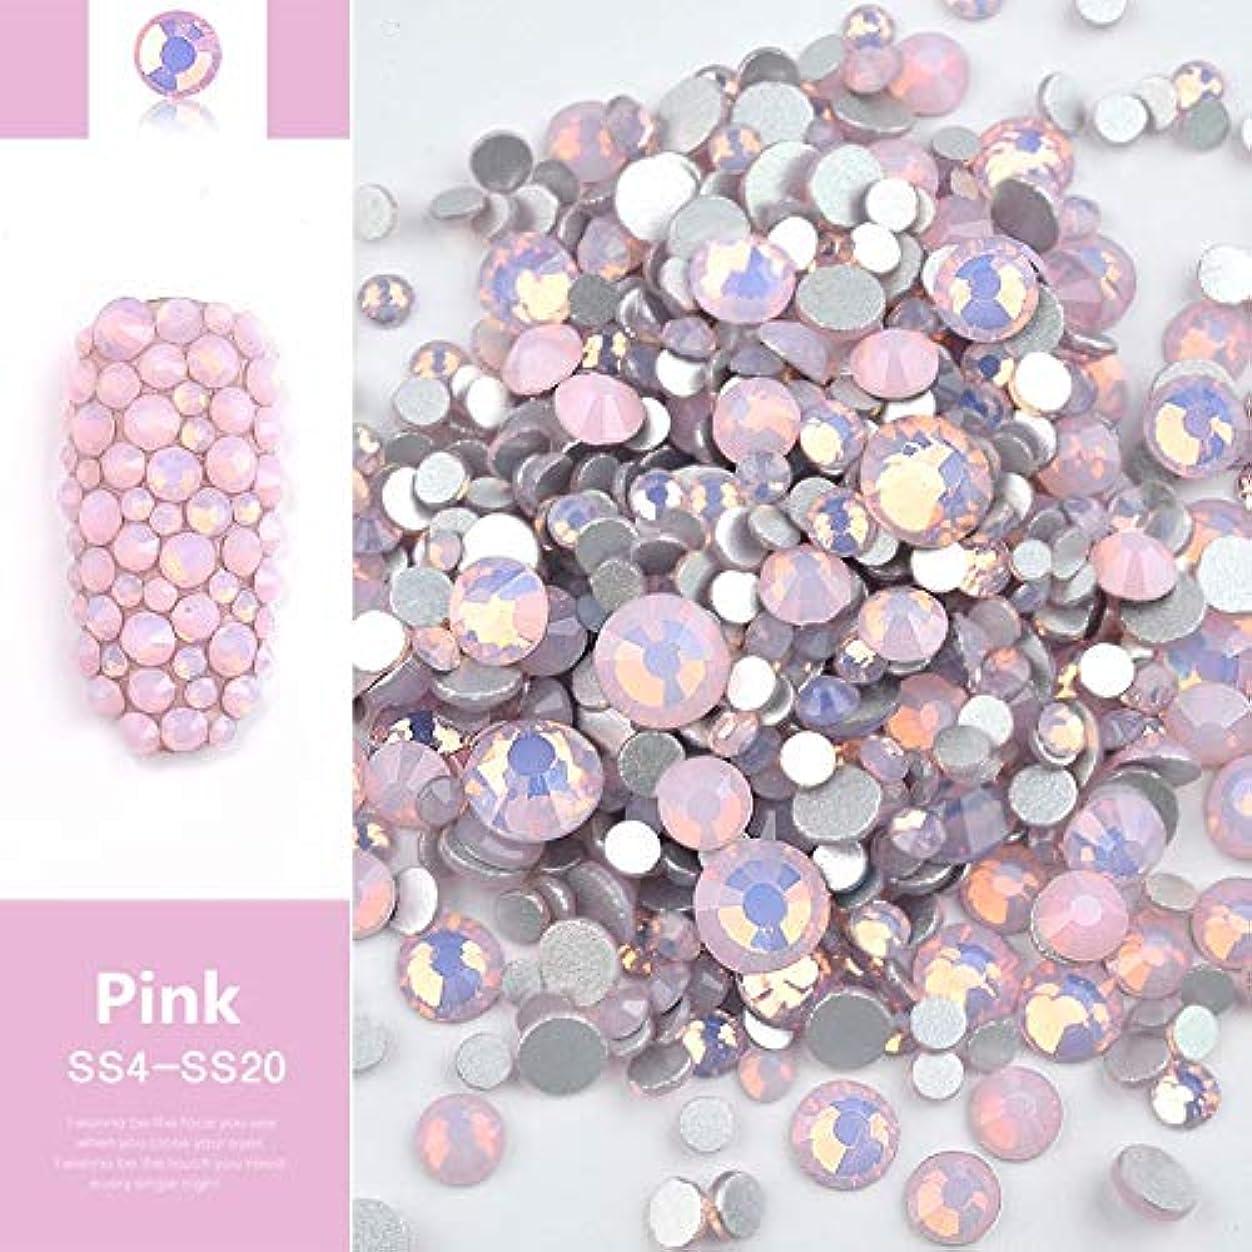 精神作ります夢Kerwinner ビーズ樹脂クリスタルラウンドネイルアートミックスフラットバックアクリルラインストーンミックスサイズ1.5-4.5 mm装飾用ネイル (Color : Pink)